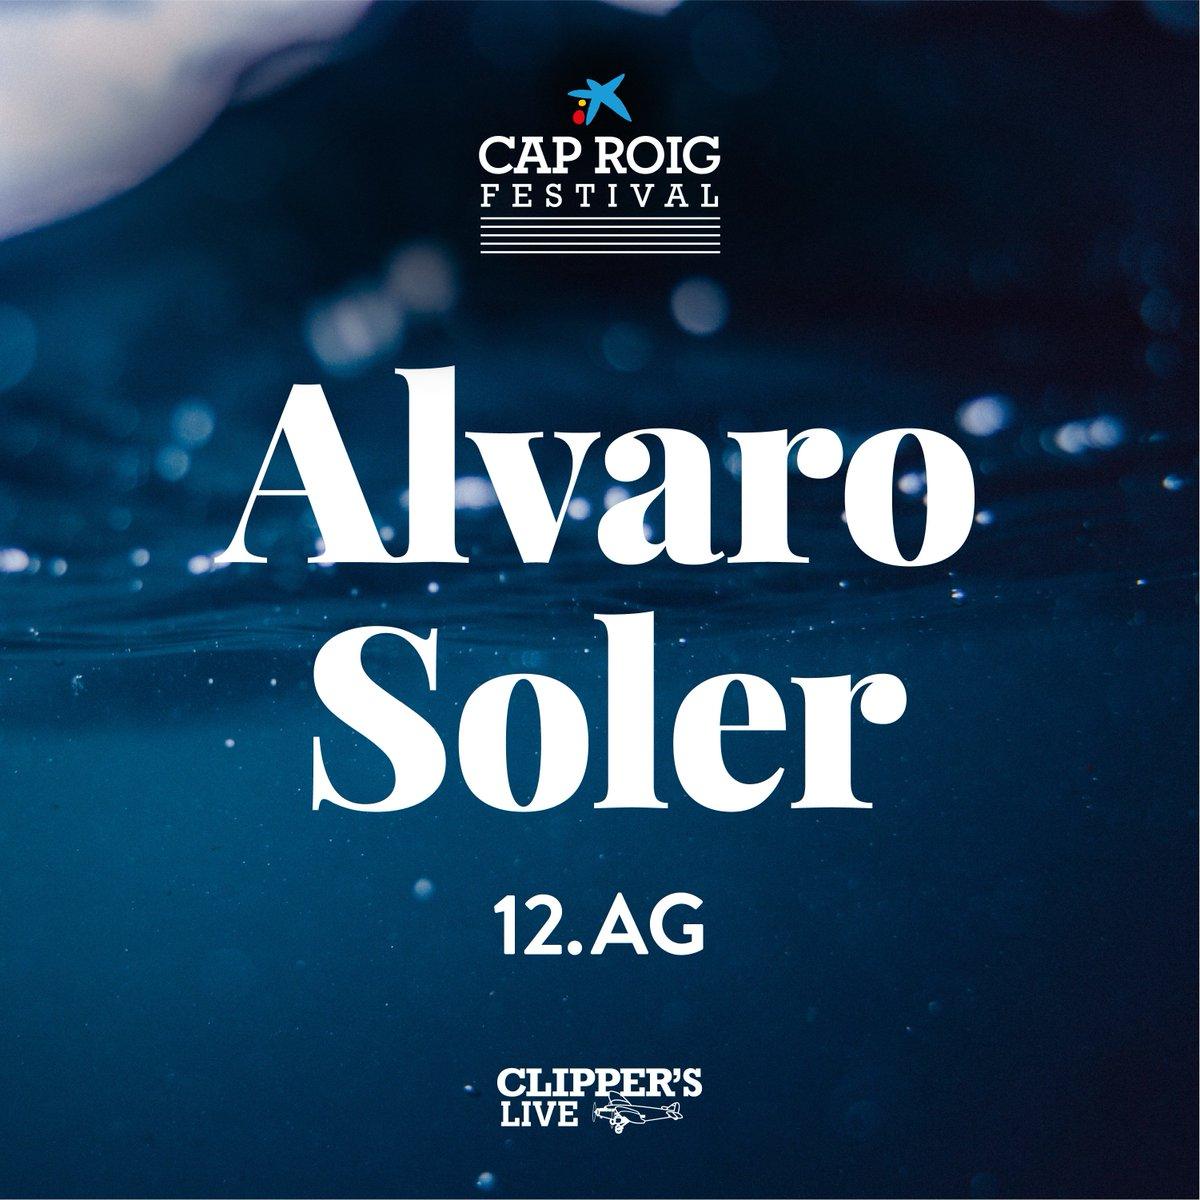 ¿Quieres revivir canciones como 'Sofia' o 'Yo contigo, tú conmigo'? Ven el 12/8 al concierto de @asolermusic en #CapRoigFestival19 y disfruta de las canciones del verano y de su nuevo álbum 'Mar de colores'. Compra tus entradas en: http://bit.ly/2Wfl2vU cc @CapRoigFestival